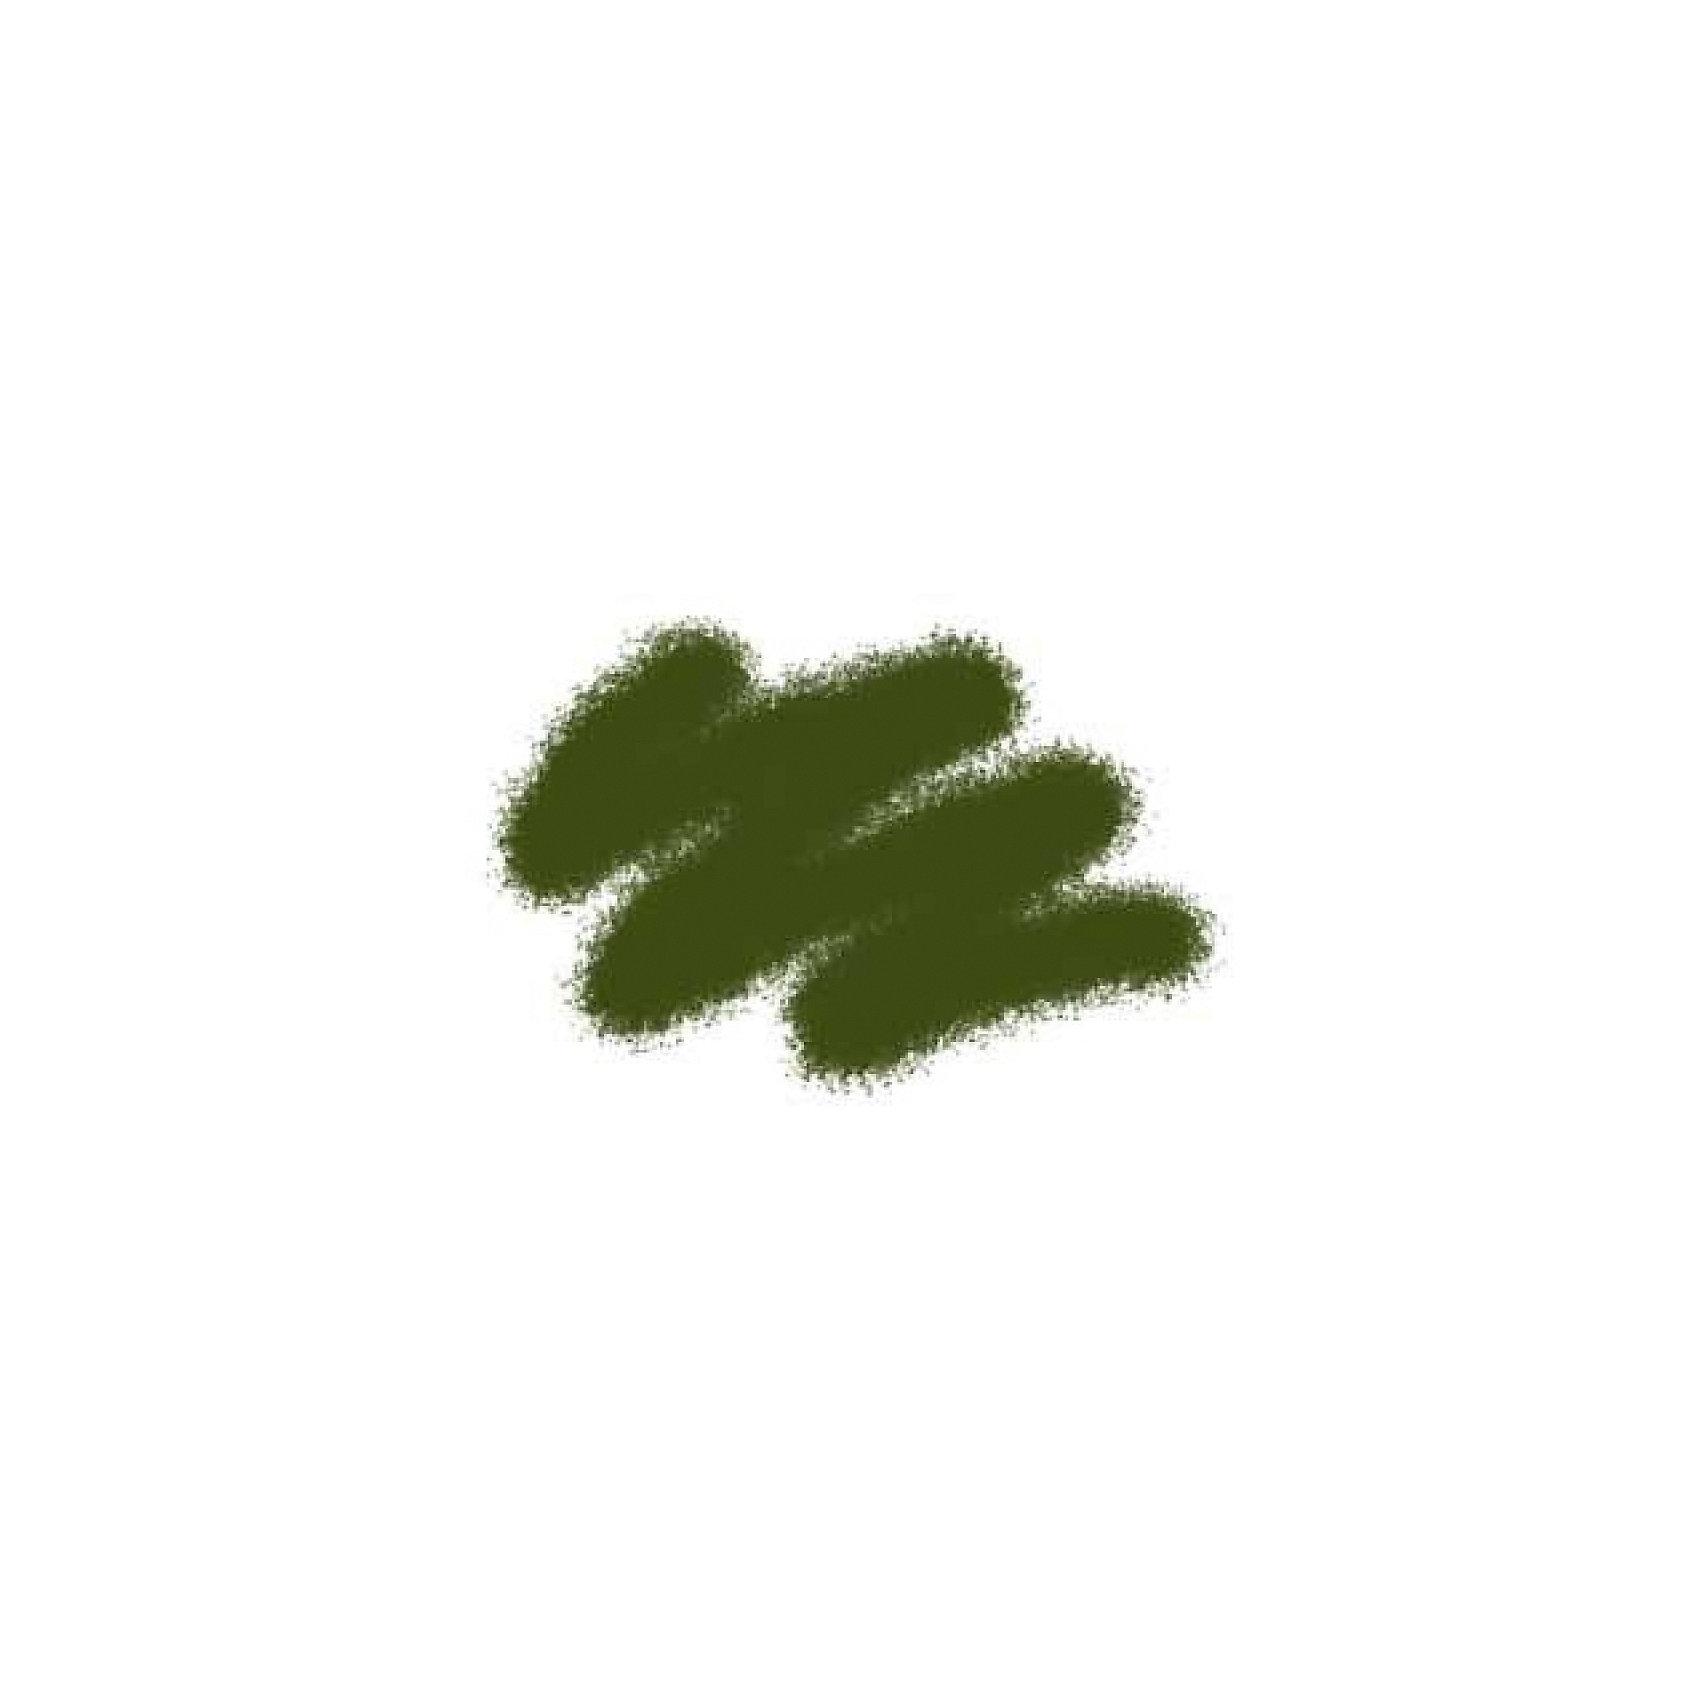 Акриловая краска для моделей Звезда, темно-зеленая 12 млМодели для склеивания<br>Краска темнозеленая<br><br>Ширина мм: 26<br>Глубина мм: 26<br>Высота мм: 64<br>Вес г: 30<br>Возраст от месяцев: 72<br>Возраст до месяцев: 180<br>Пол: Мужской<br>Возраст: Детский<br>SKU: 7086646